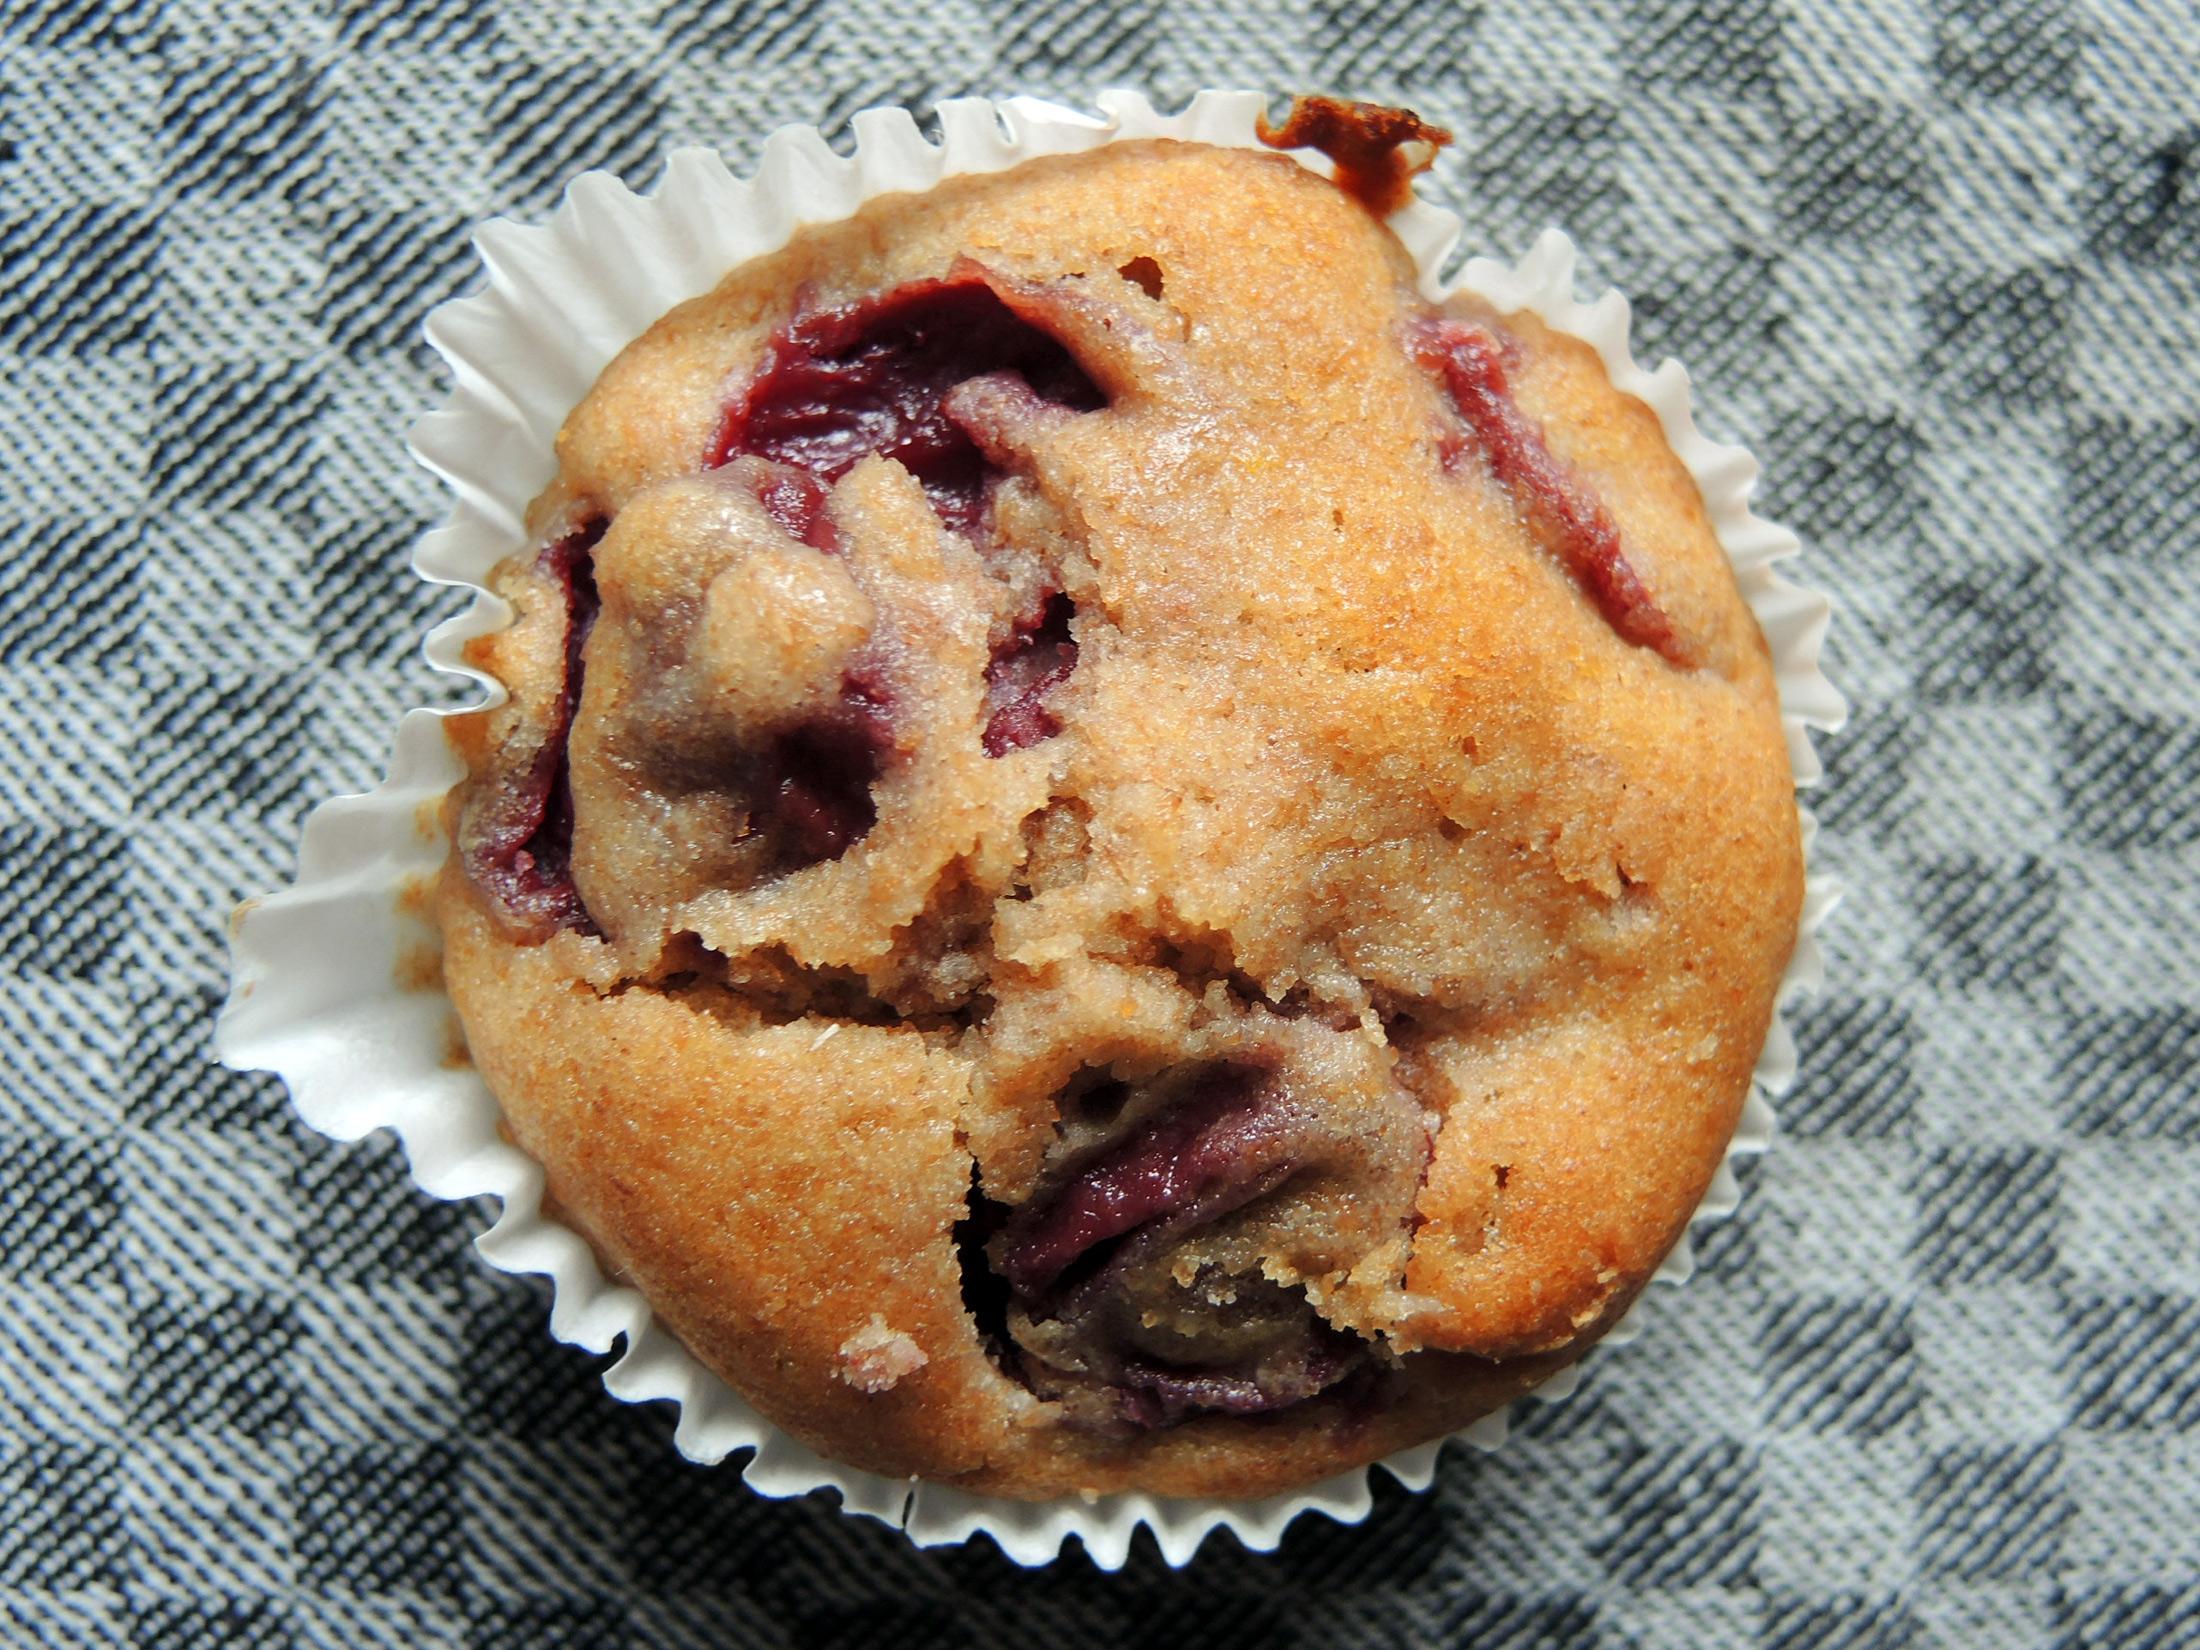 Glutenfreie Muffins Mit Kirschen Rezept Kochenohne